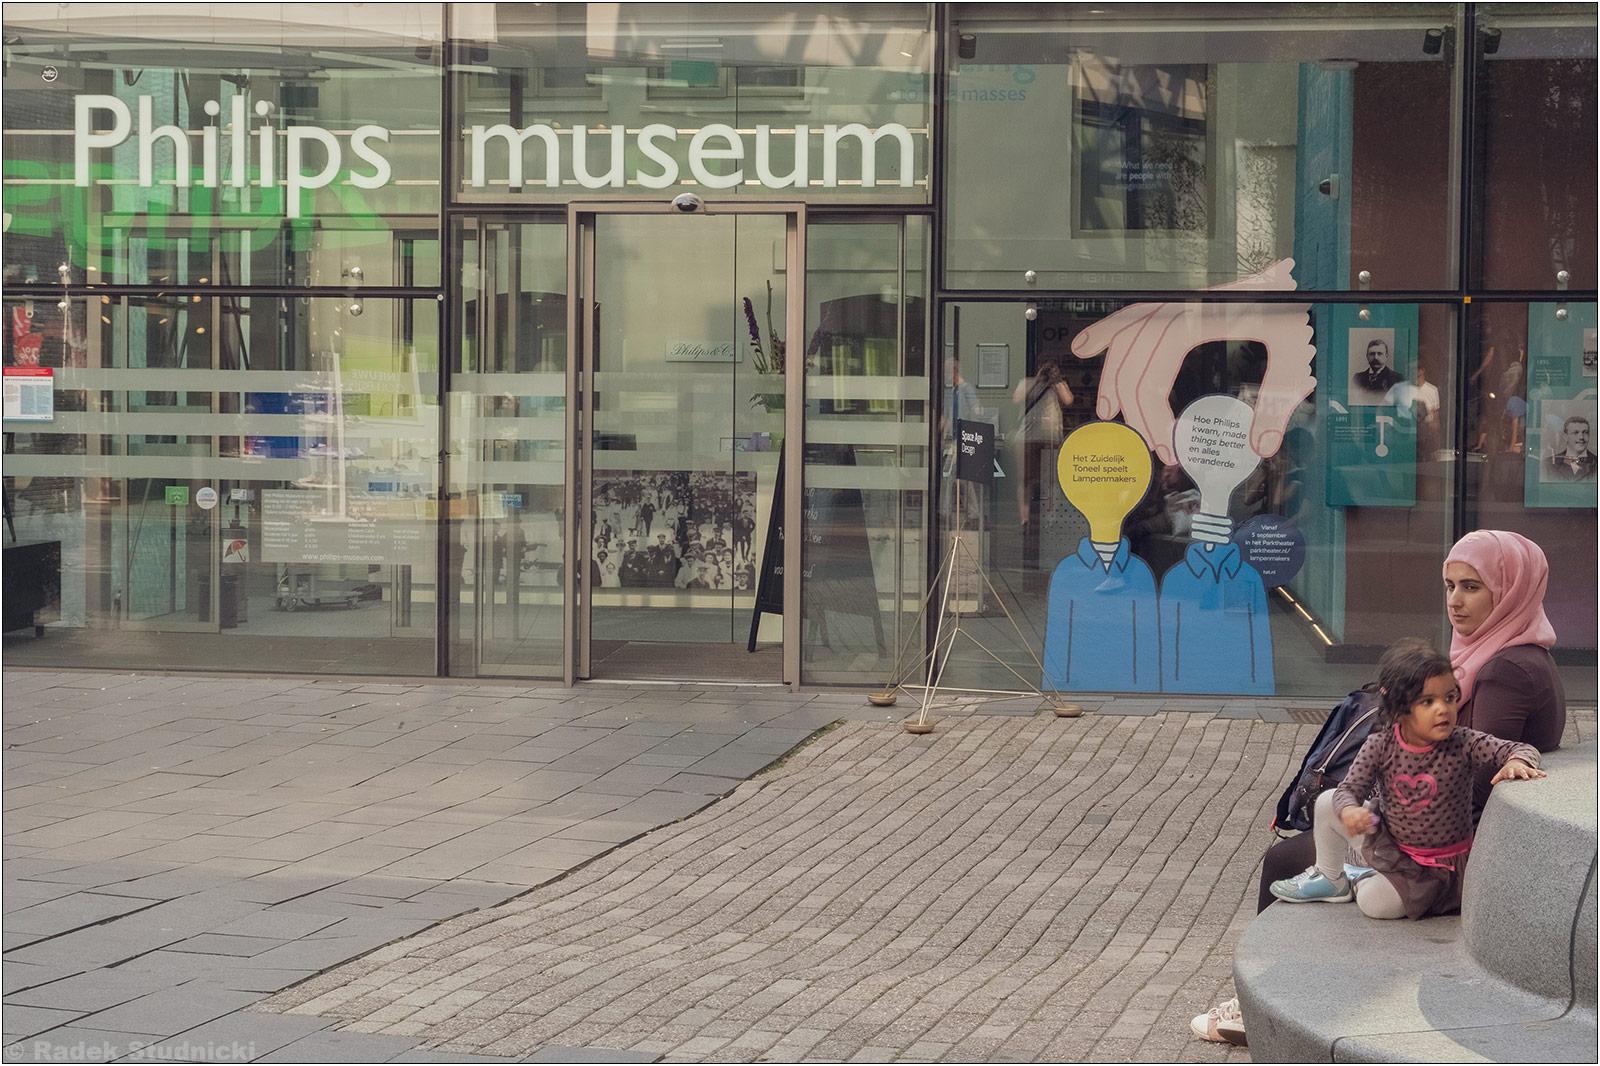 Muzeum Philipsa